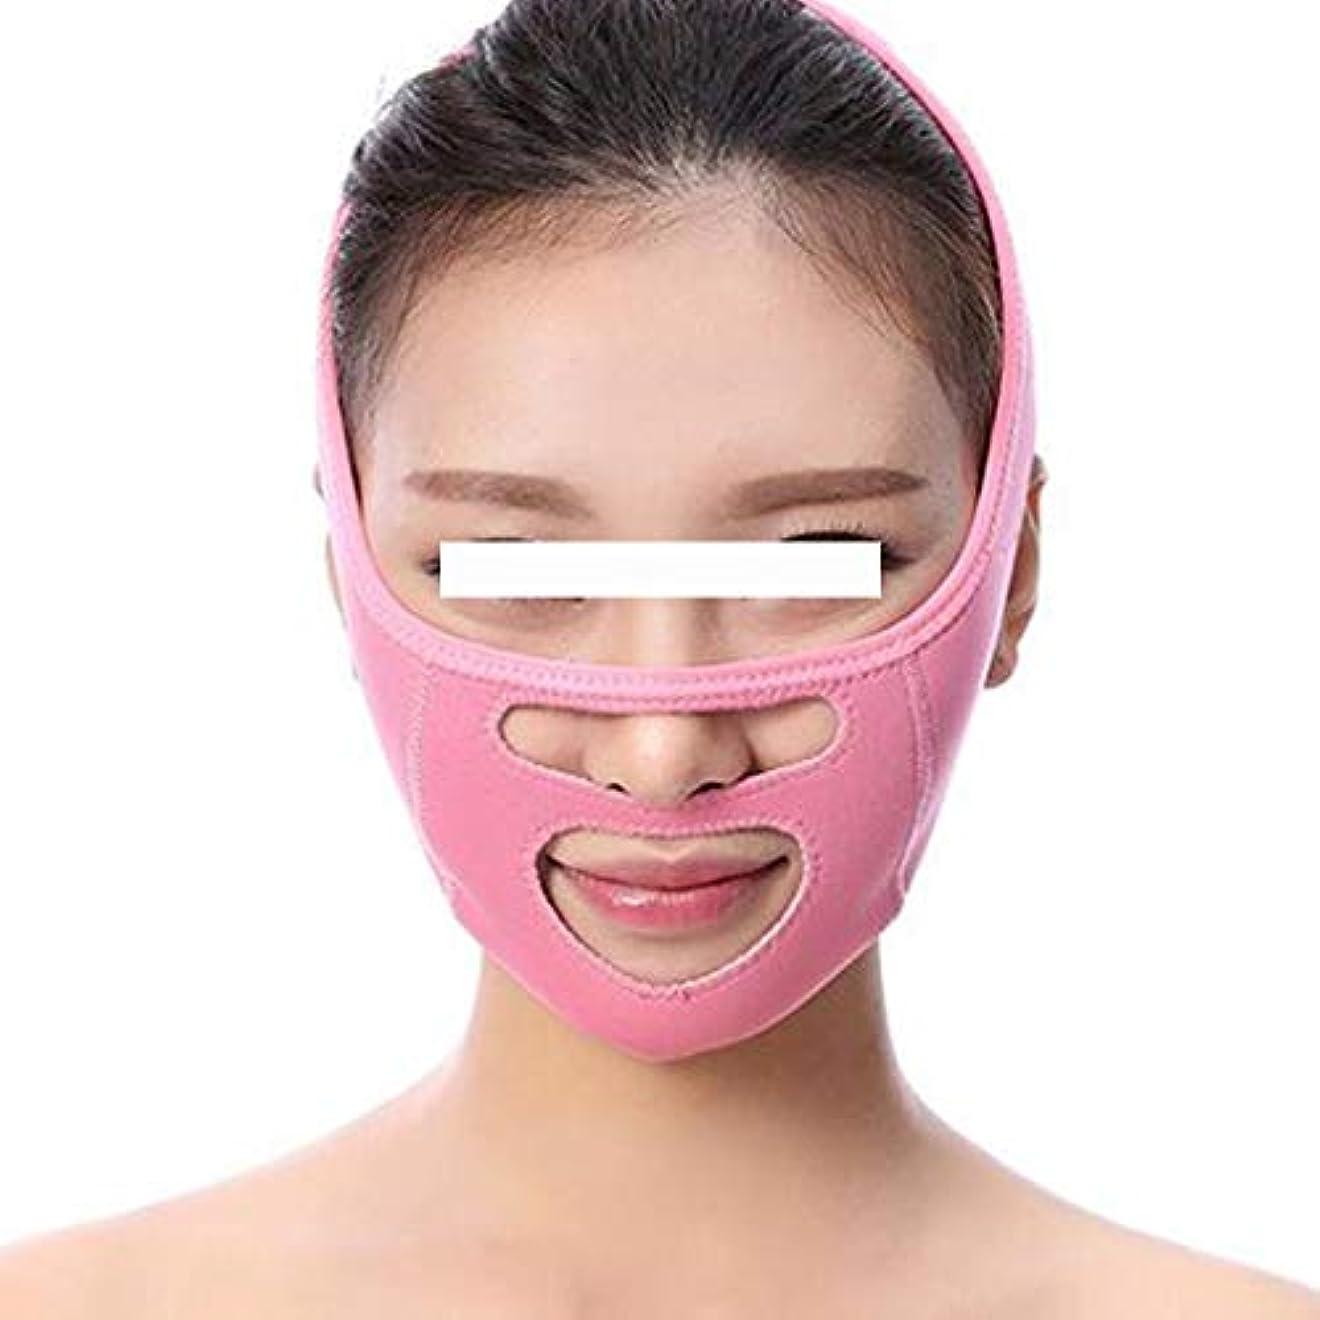 インスタンス生き残りジャニス人気のVフェイスマスク - 睡眠小顔美容フェイス包帯 - Decreeダブルチンvフェイスに移動